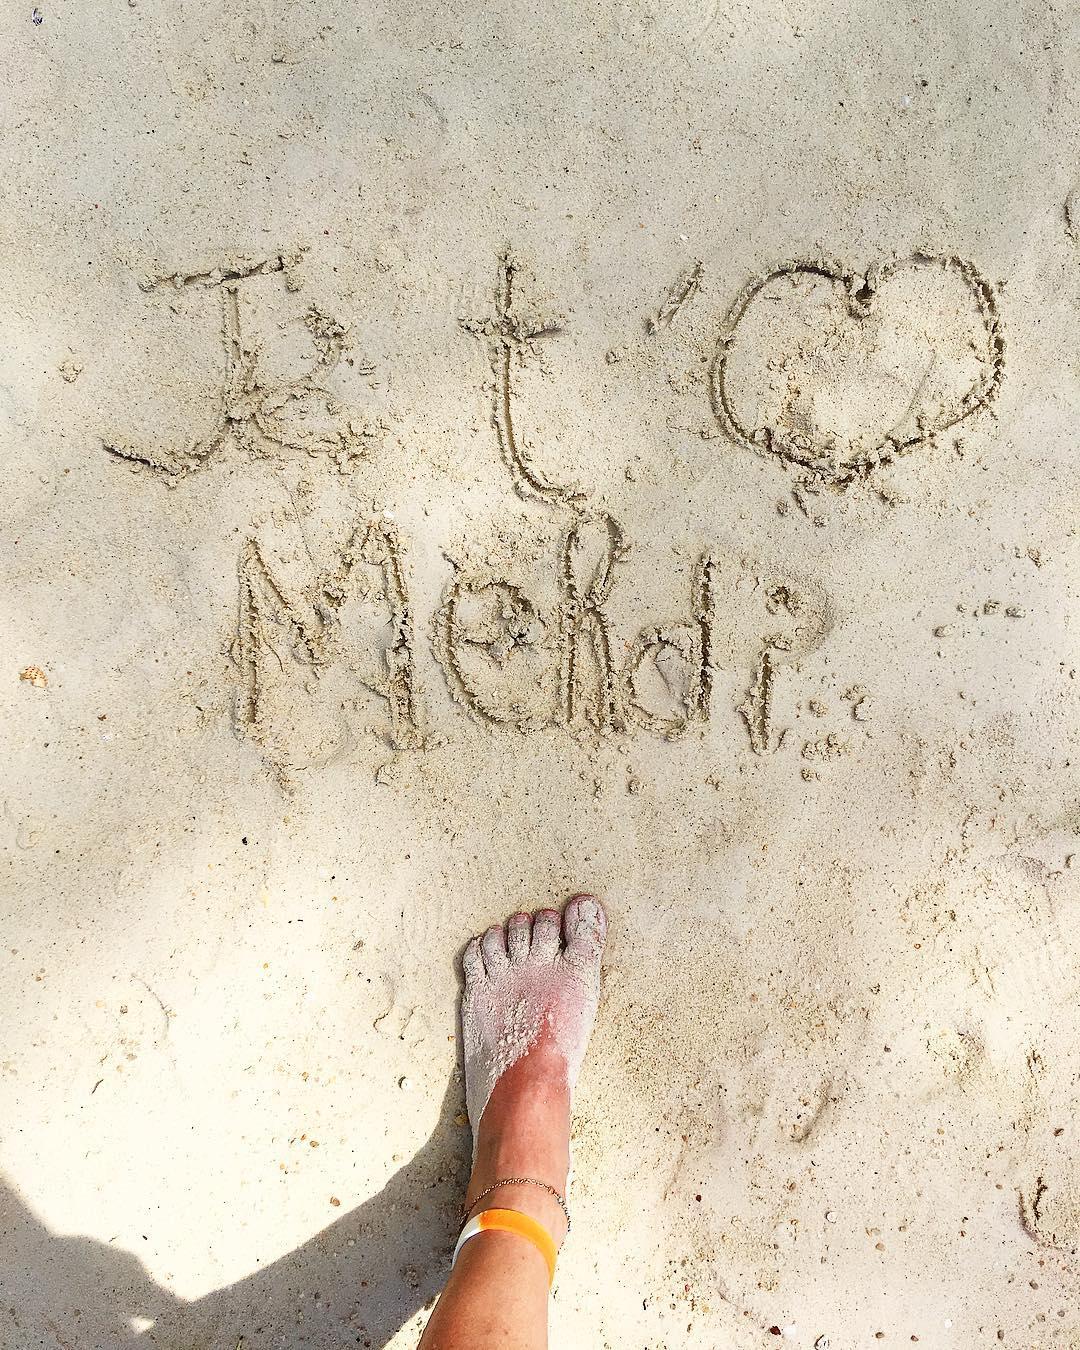 JE T'AIME MON AMOUR ??? Même à l'autre bout du monde... et oui je pense à toi !! #superCanard .  ______ ➕ l  Les îles SURIN . ? | Khao Lak • Côte Ouest Thaïlande . ? | #PintadeThailande ? | Thaïlande Nord & Côte Ouest ??? ______ #thailande #thailand #bangkok #kohphiphi #kohlanta #kohsamui #kohphangan #kohtao #khaolak #chiangmai #cityguide #cityTrip #travel #blogTravel #TravelBlog #bloggervoyage #voYage #blogVoyage #frenchBlogger #blogueuse #blog #montpellier #pintademontpellier #food #foodlover